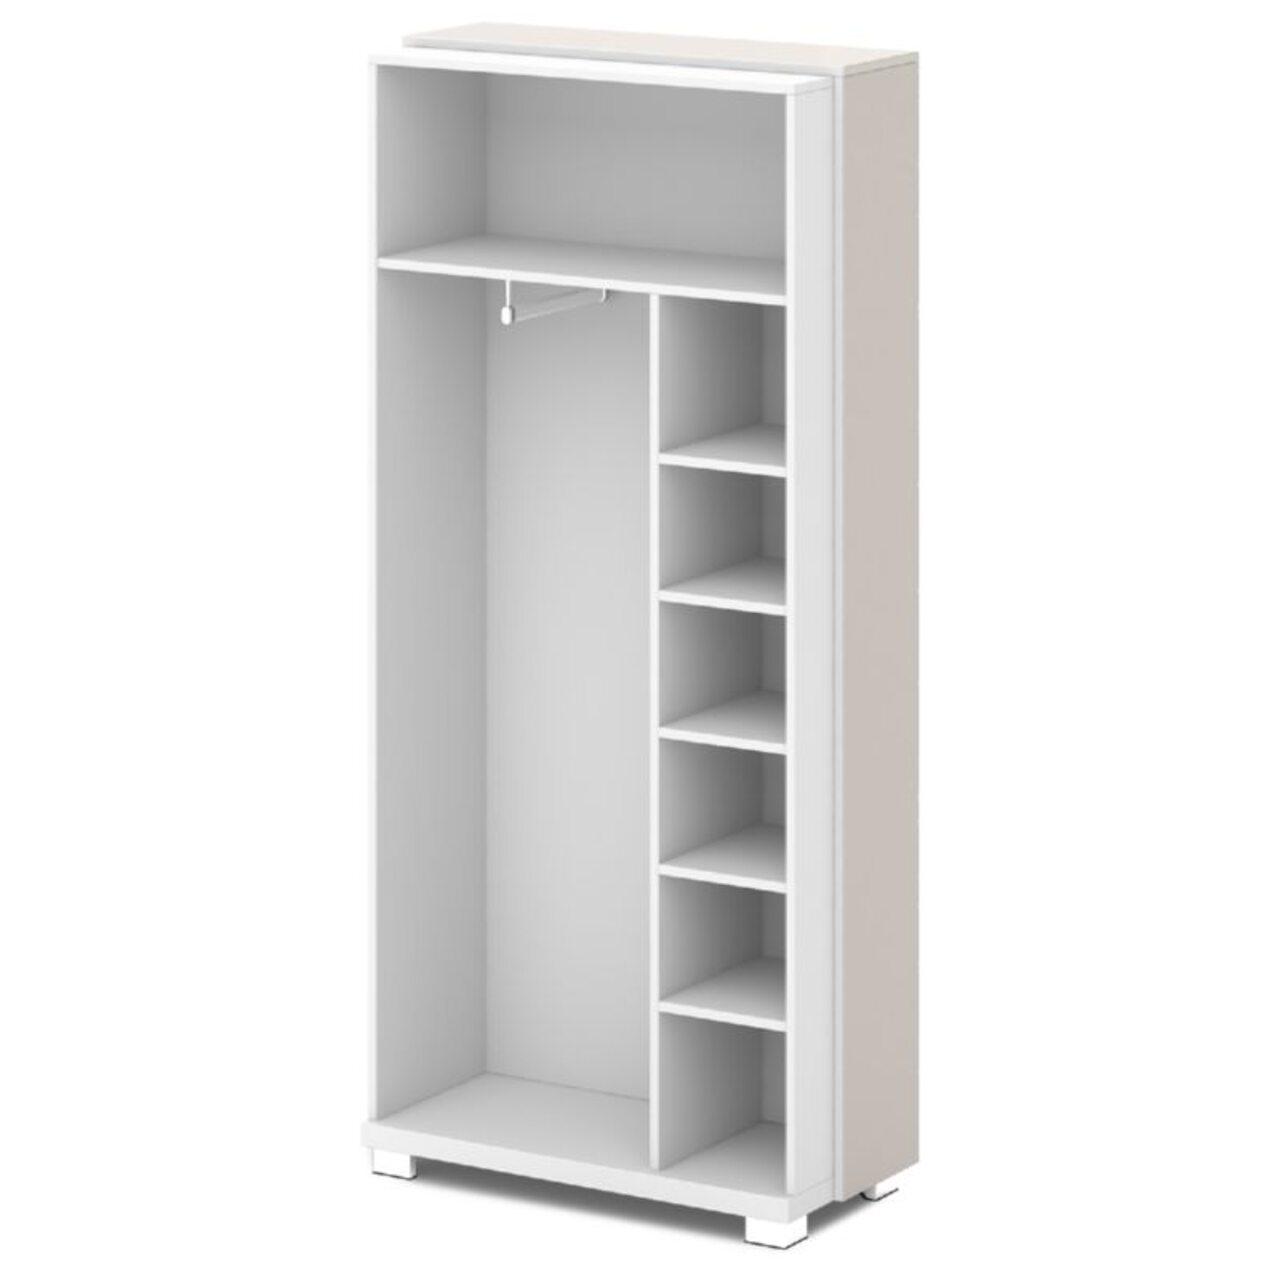 Каркас шкафа для одежды отдельностоящий  GRACE 44x94x205 - фото 7